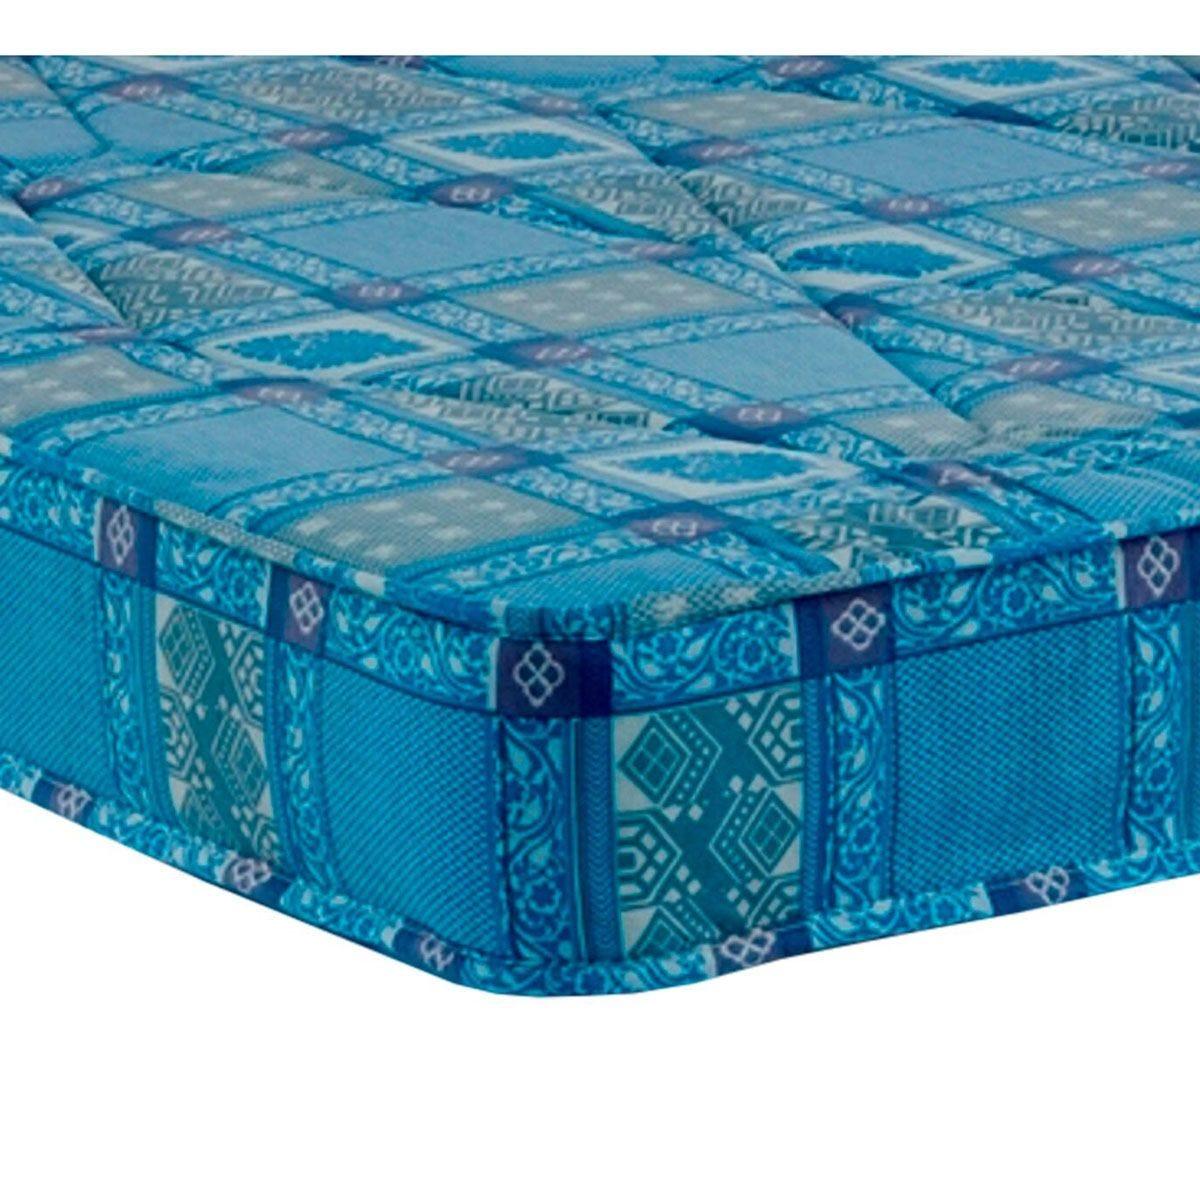 Avonte Basic Mattress Medium-soft Double Mattress